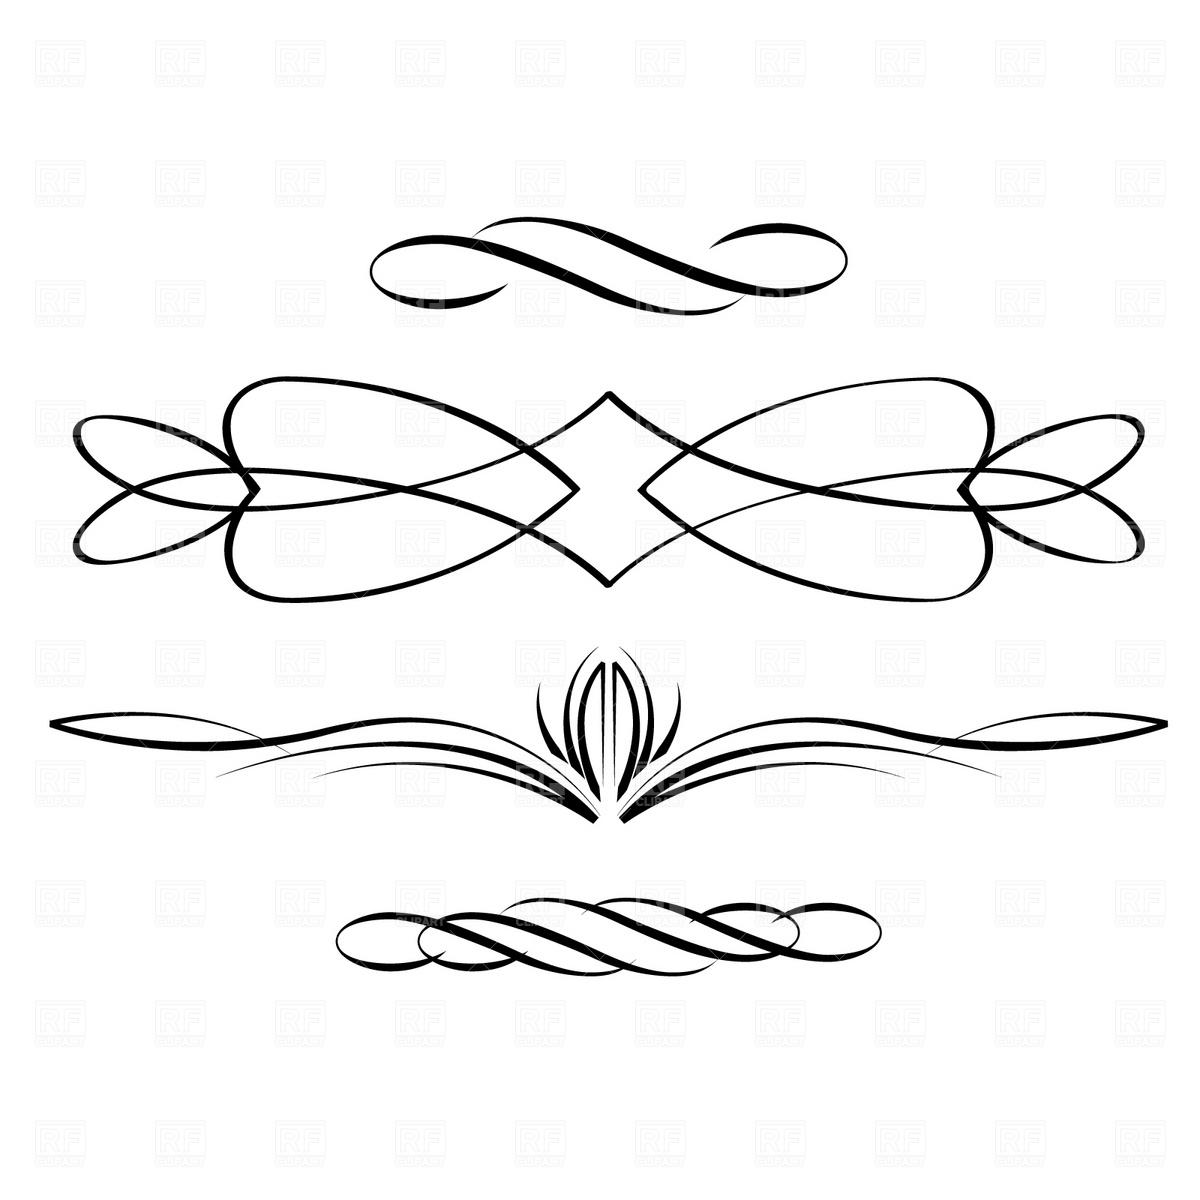 Calligraphic clipart #3